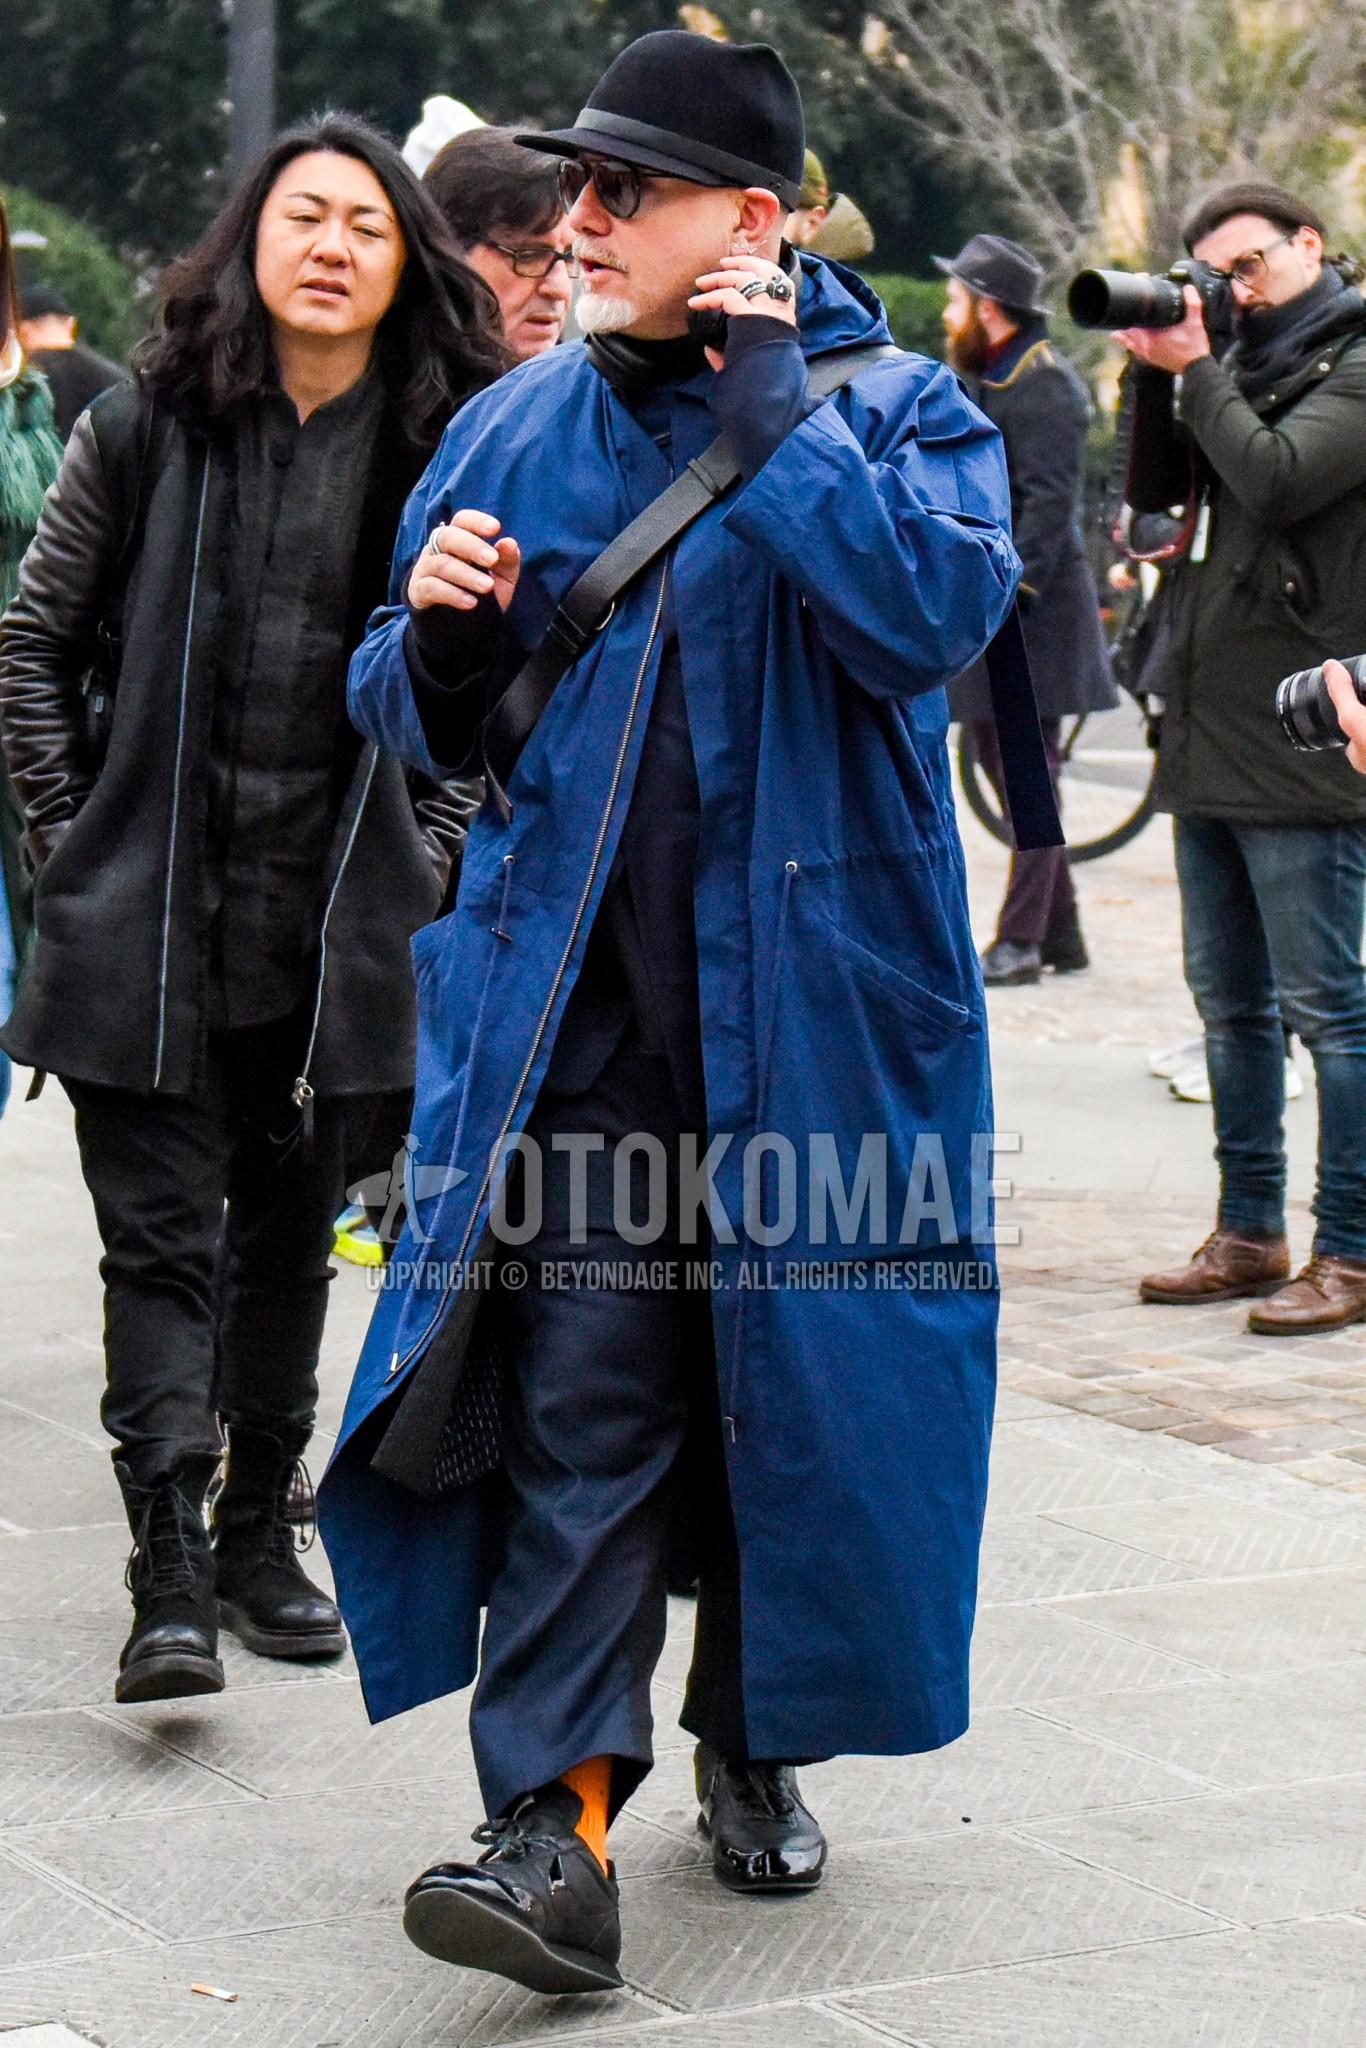 黒無地のハット、黒無地のサングラス、ブルー無地のフーデッドコート、オレンジ無地のソックス、ナイキ  コムデギャルソン ブラックの黒ローカットのスニーカー、黒無地のショルダーバッグ、ネイビー無地のスーツを合わせた秋冬のメンズコーデ・着こなし。